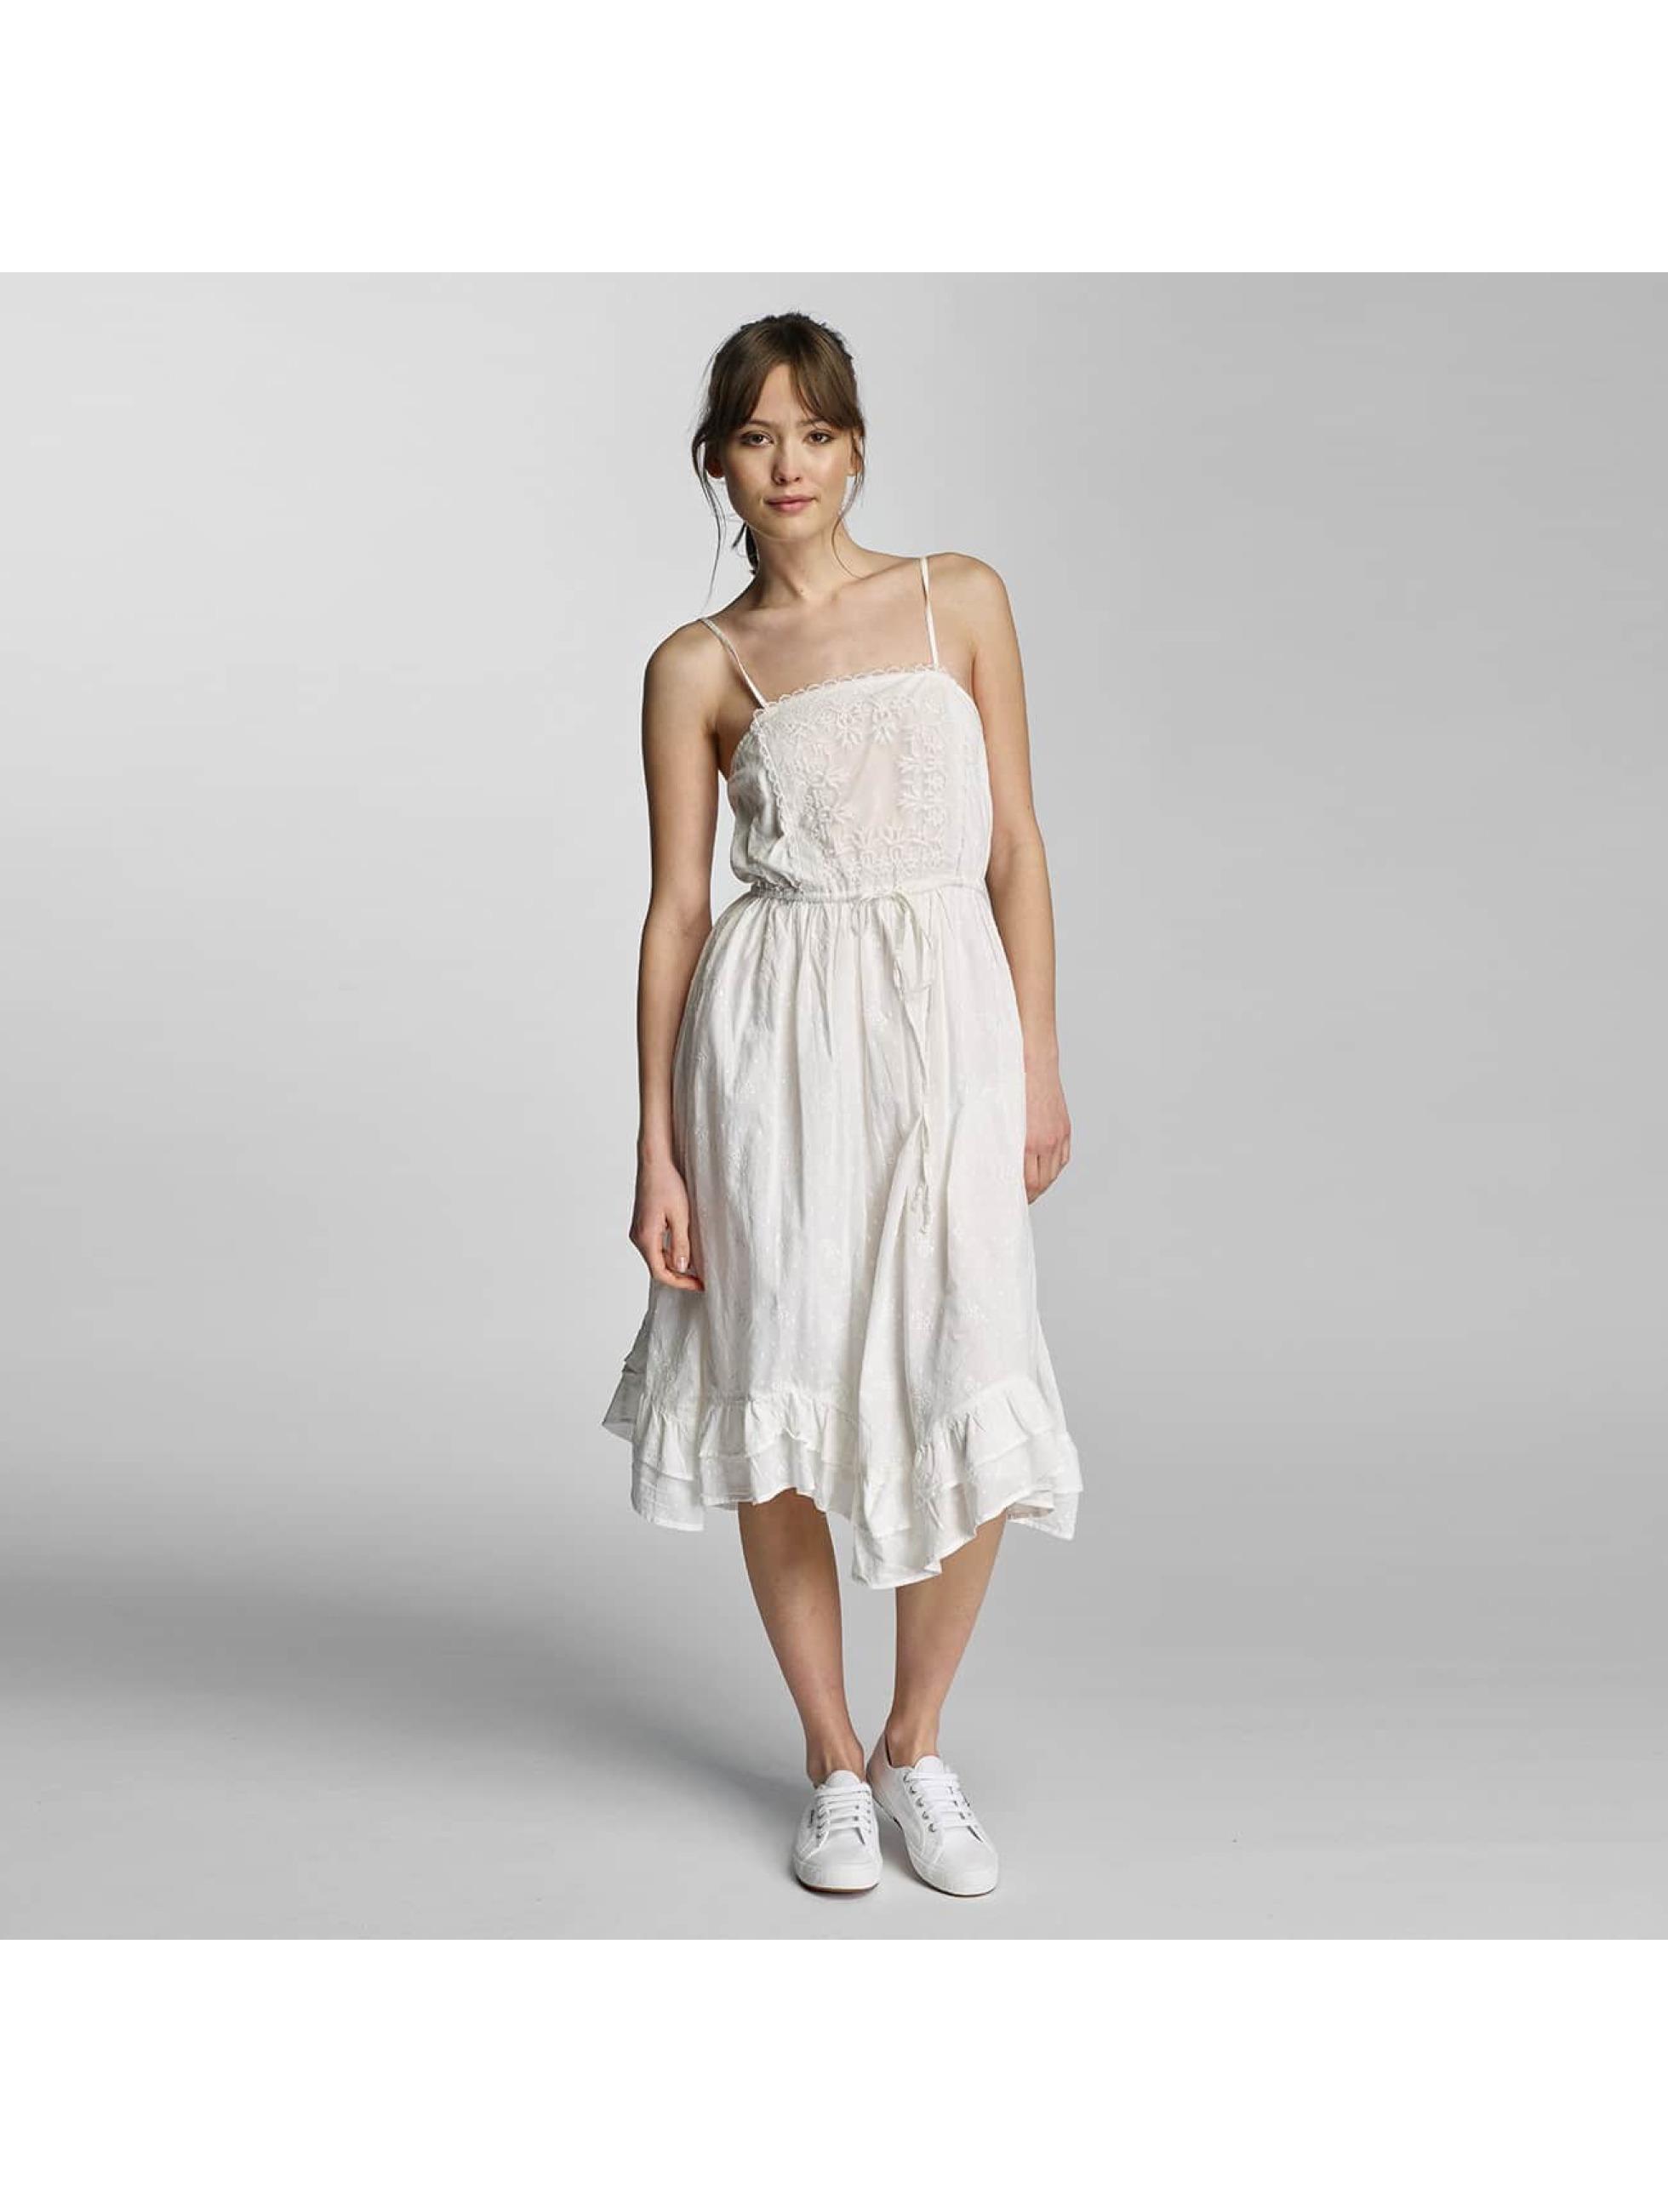 Vero Moda Frauen Kleid VmLana in weiß